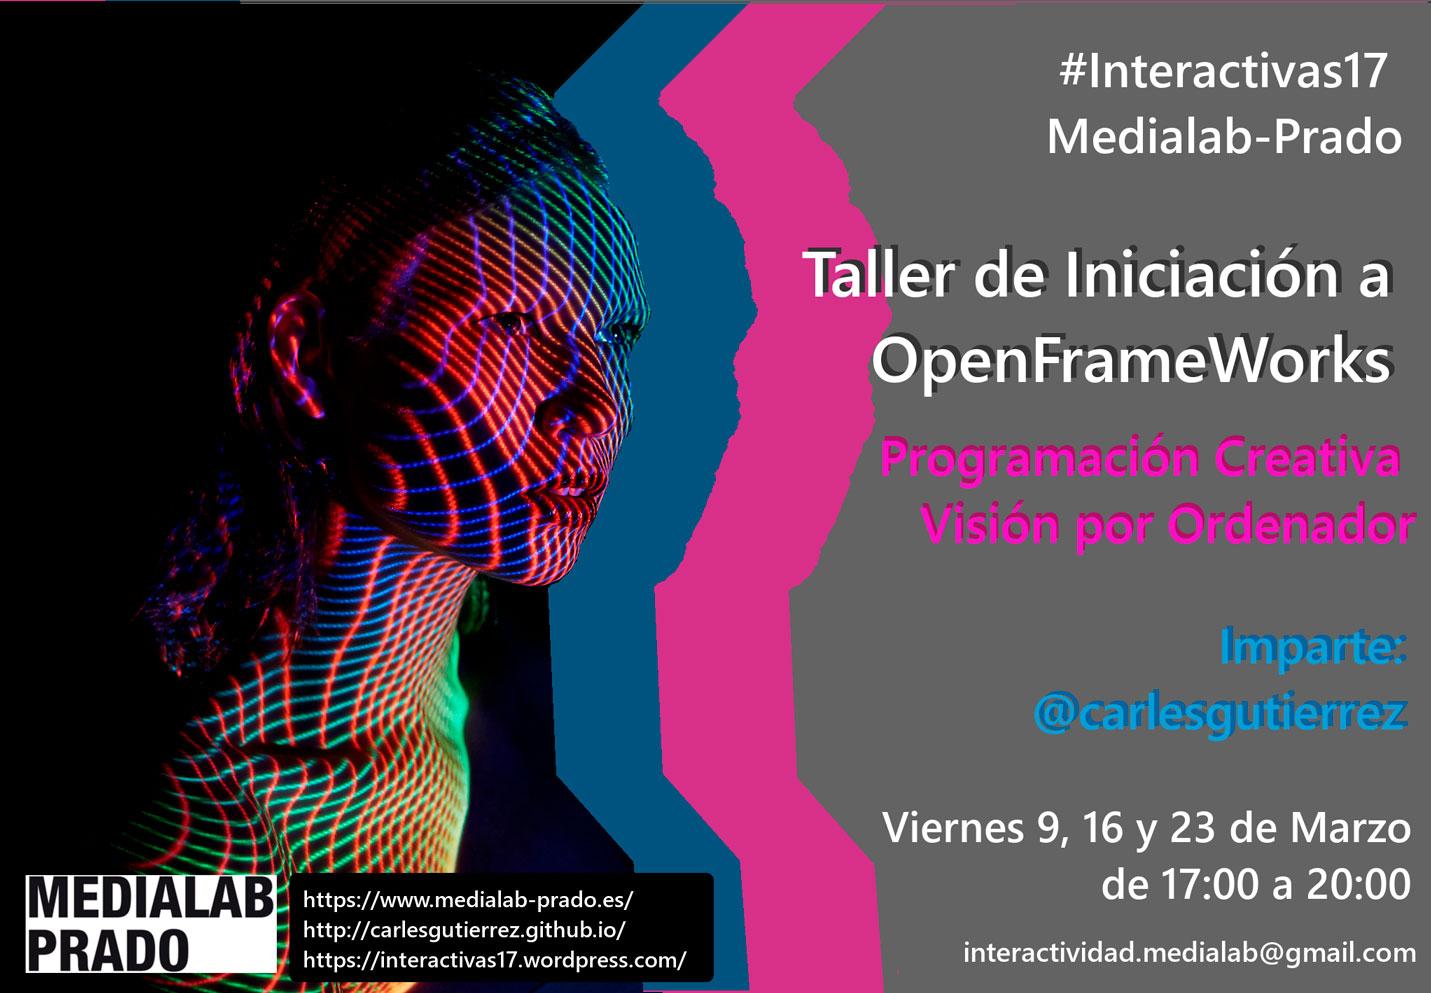 Taller de Iniciación a OpenFrameWorks